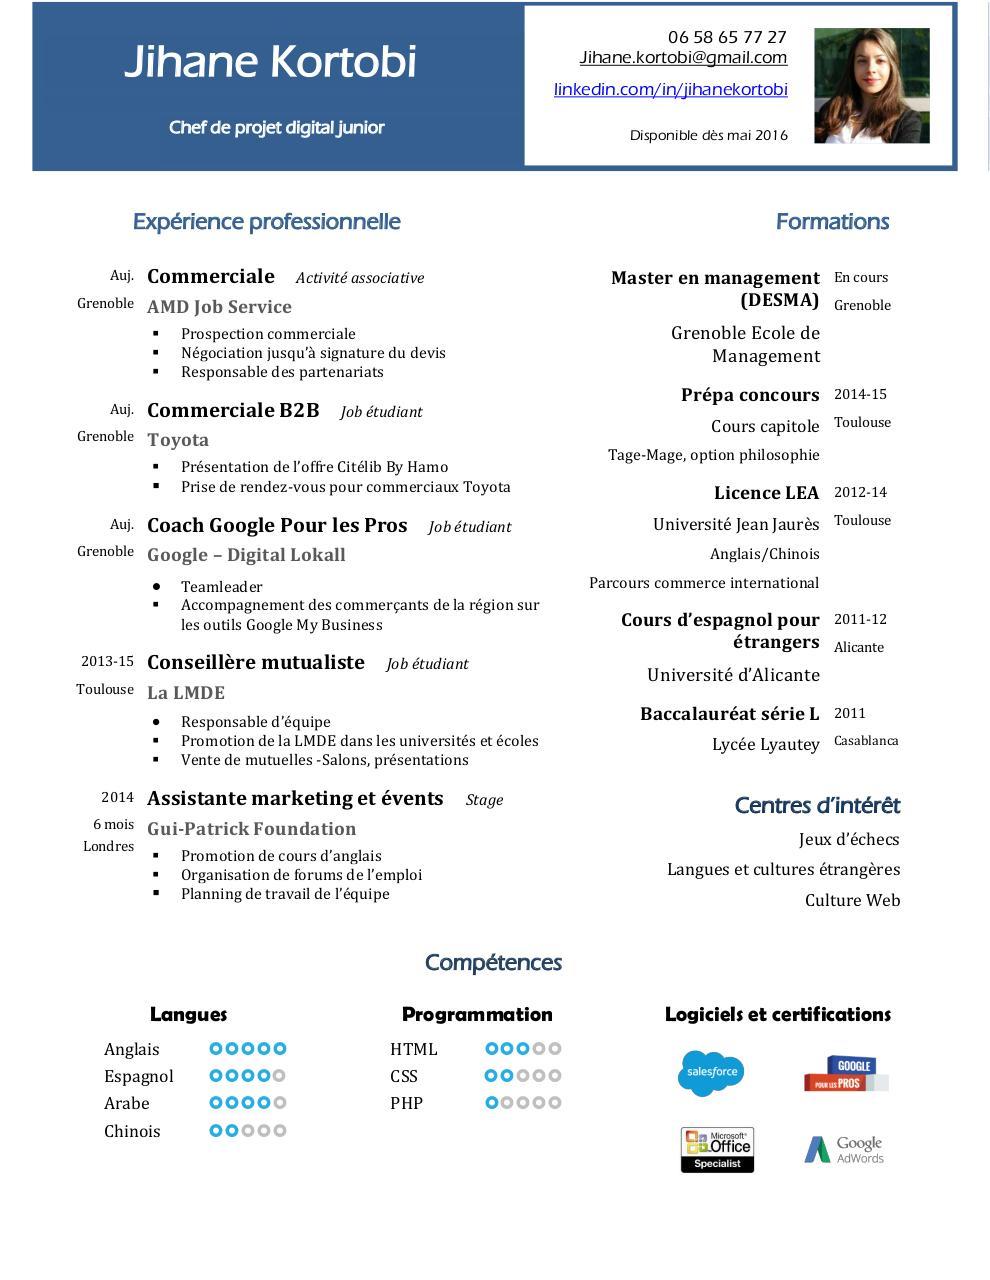 cv desma pdf